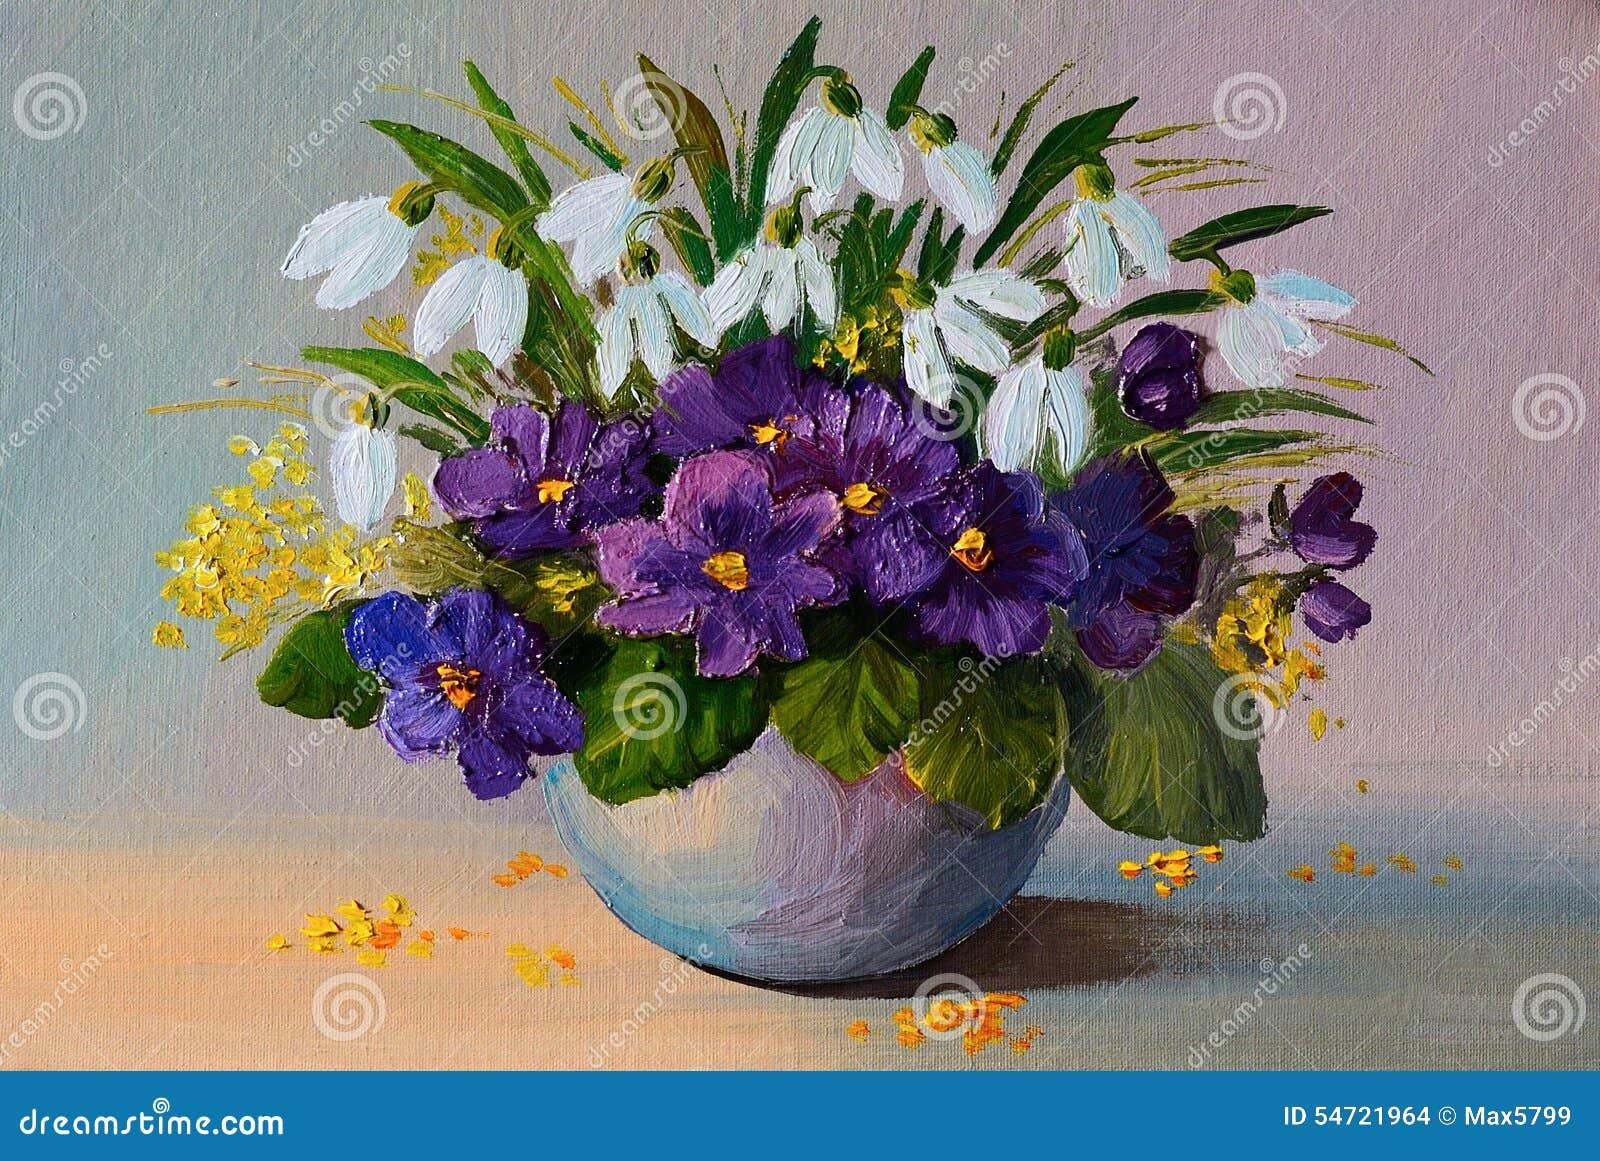 huilez les fleurs de peinture l 39 huile la vie toujours un bouquet des fleurs illustration. Black Bedroom Furniture Sets. Home Design Ideas